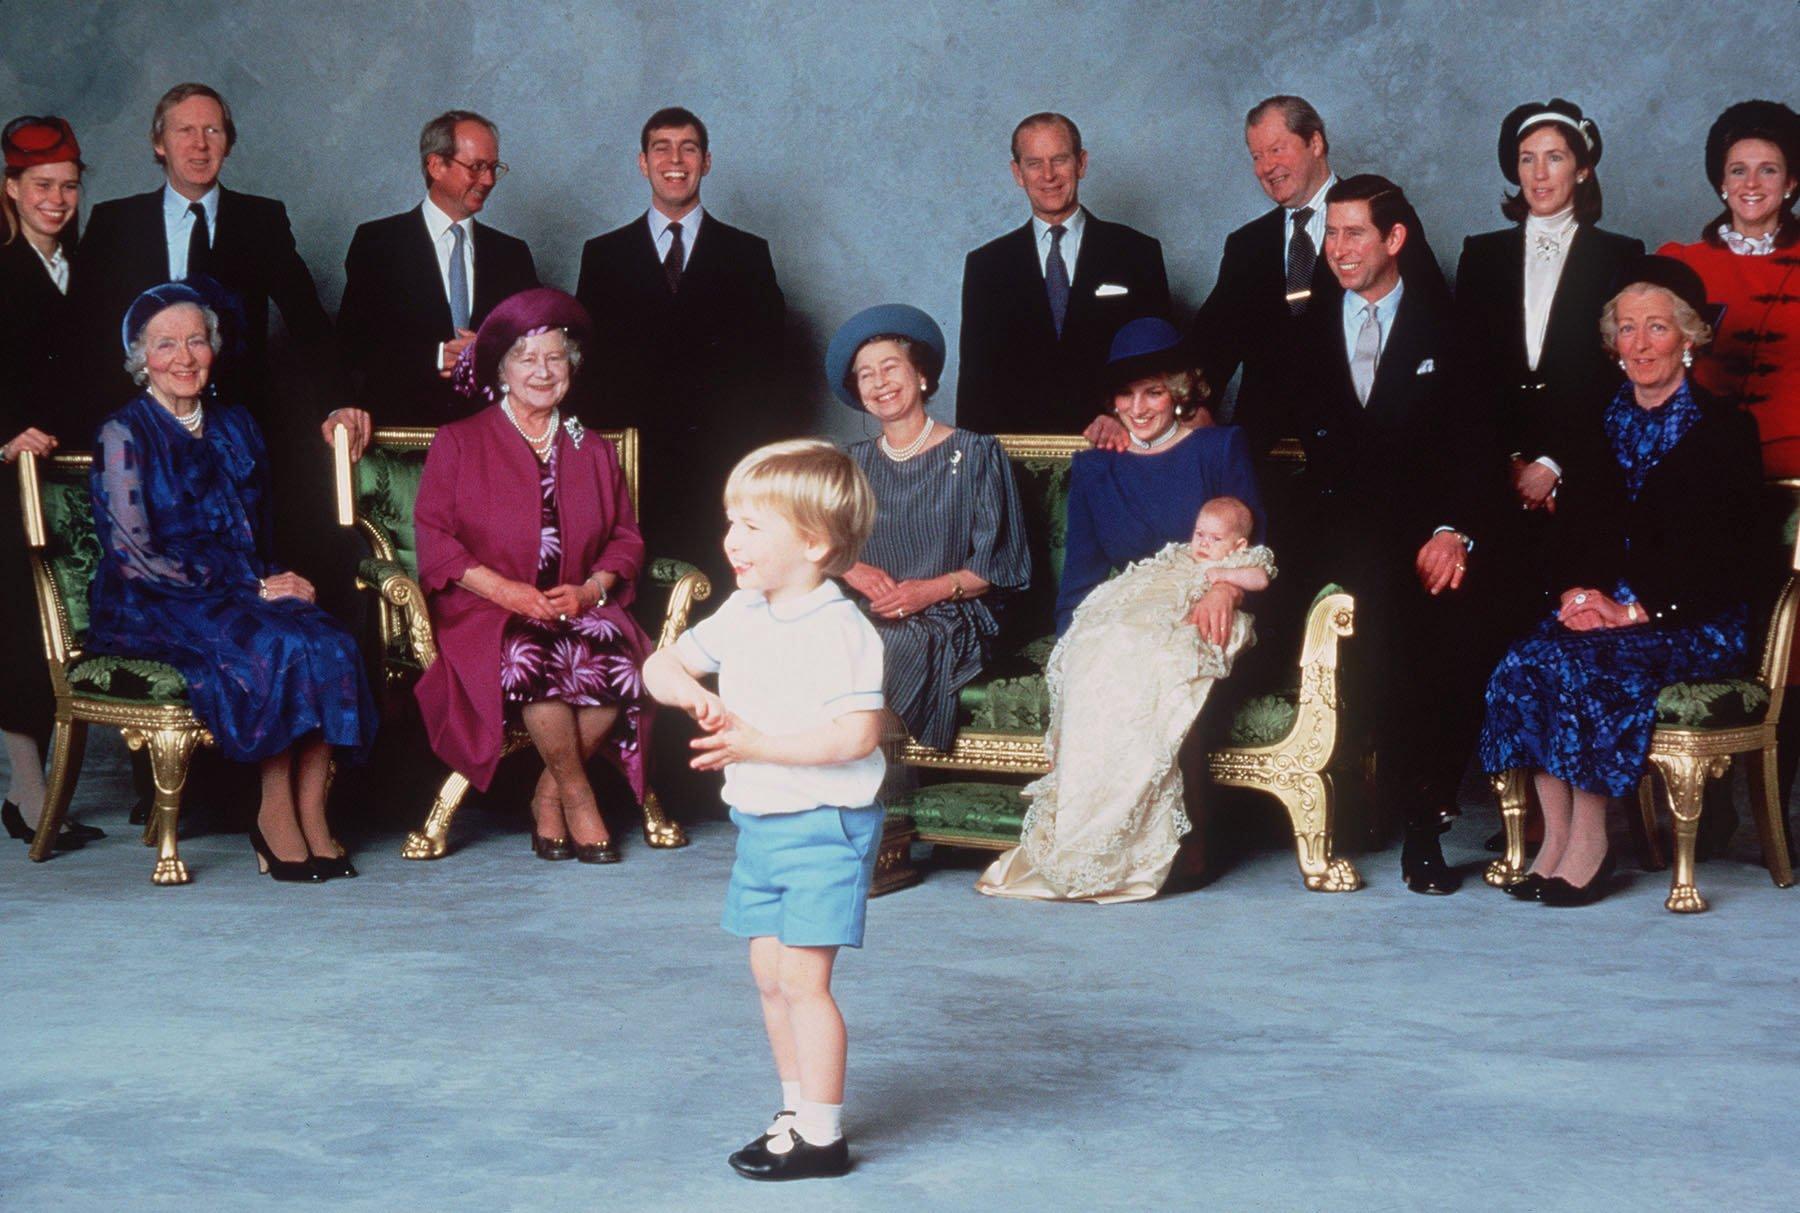 Parientes reales y padrinos que se divierten con las travesuras del joven Príncipe William, el Príncipe Harry es bautizado en el Castillo de Windsor, el 21 de diciembre de 1984 en Windsor, Inglaterra. |Imagen: Getty images